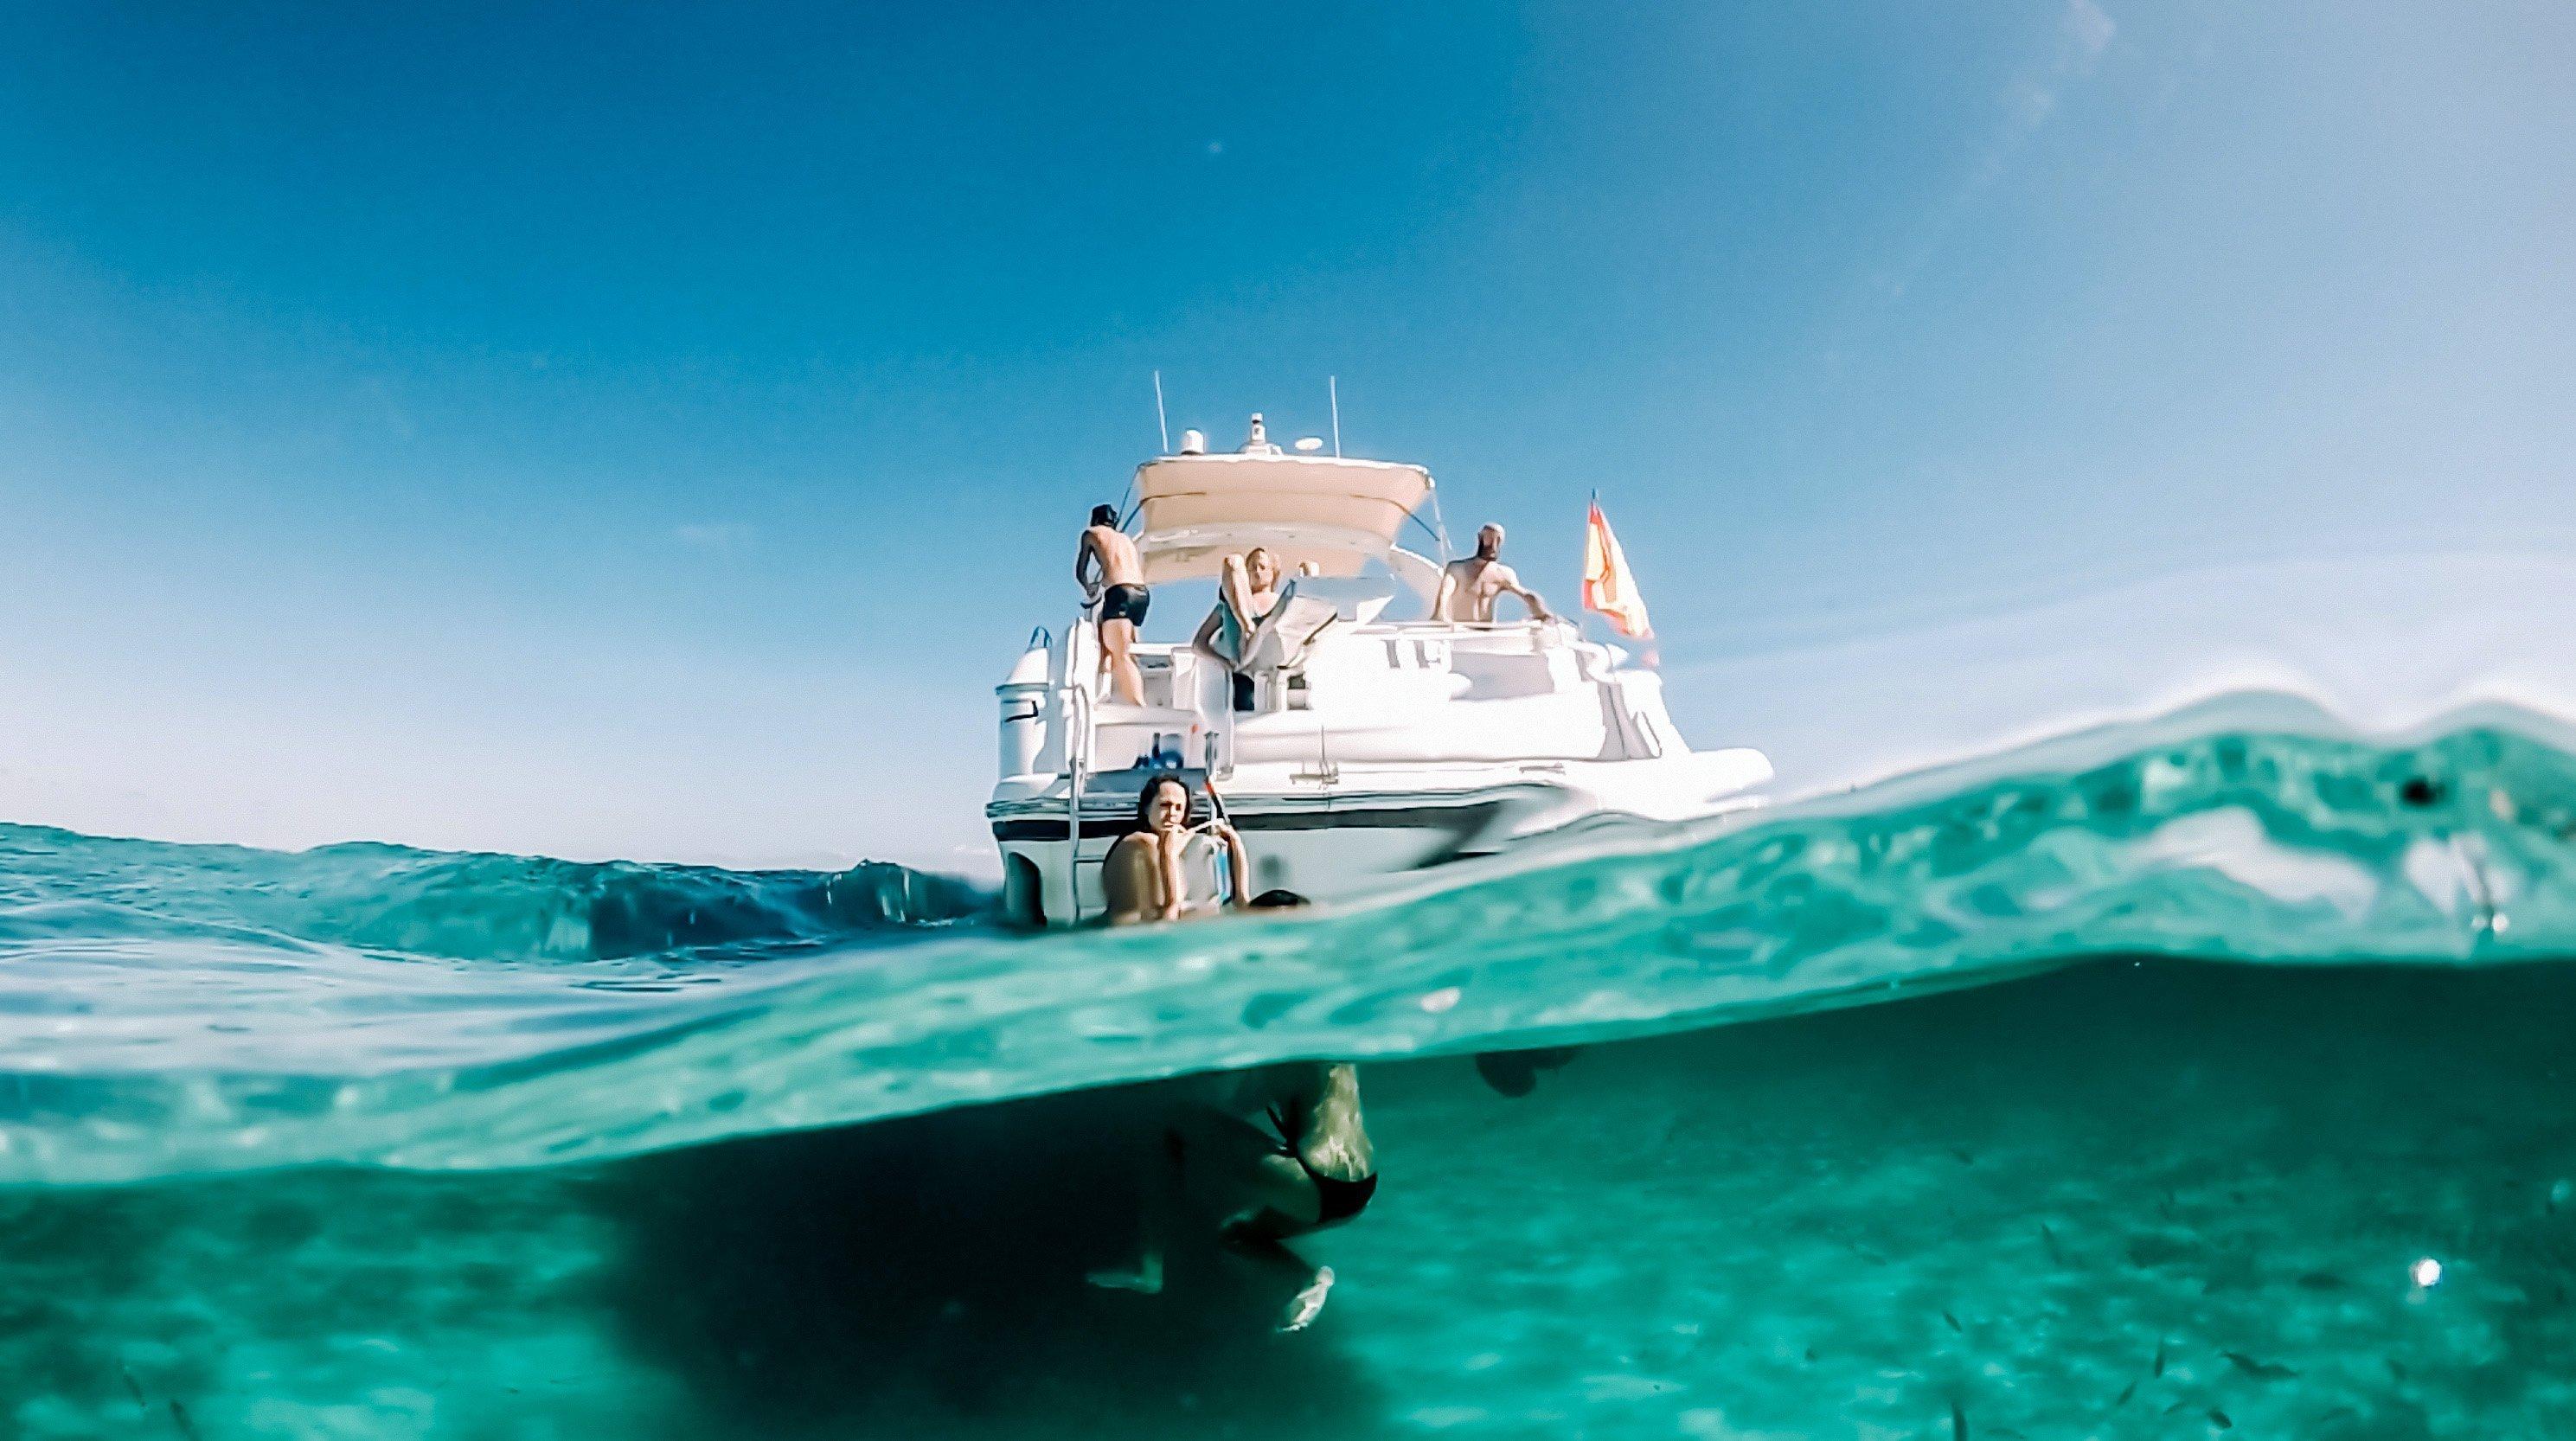 alquiler barcos Ibiza 15 consejos útiles